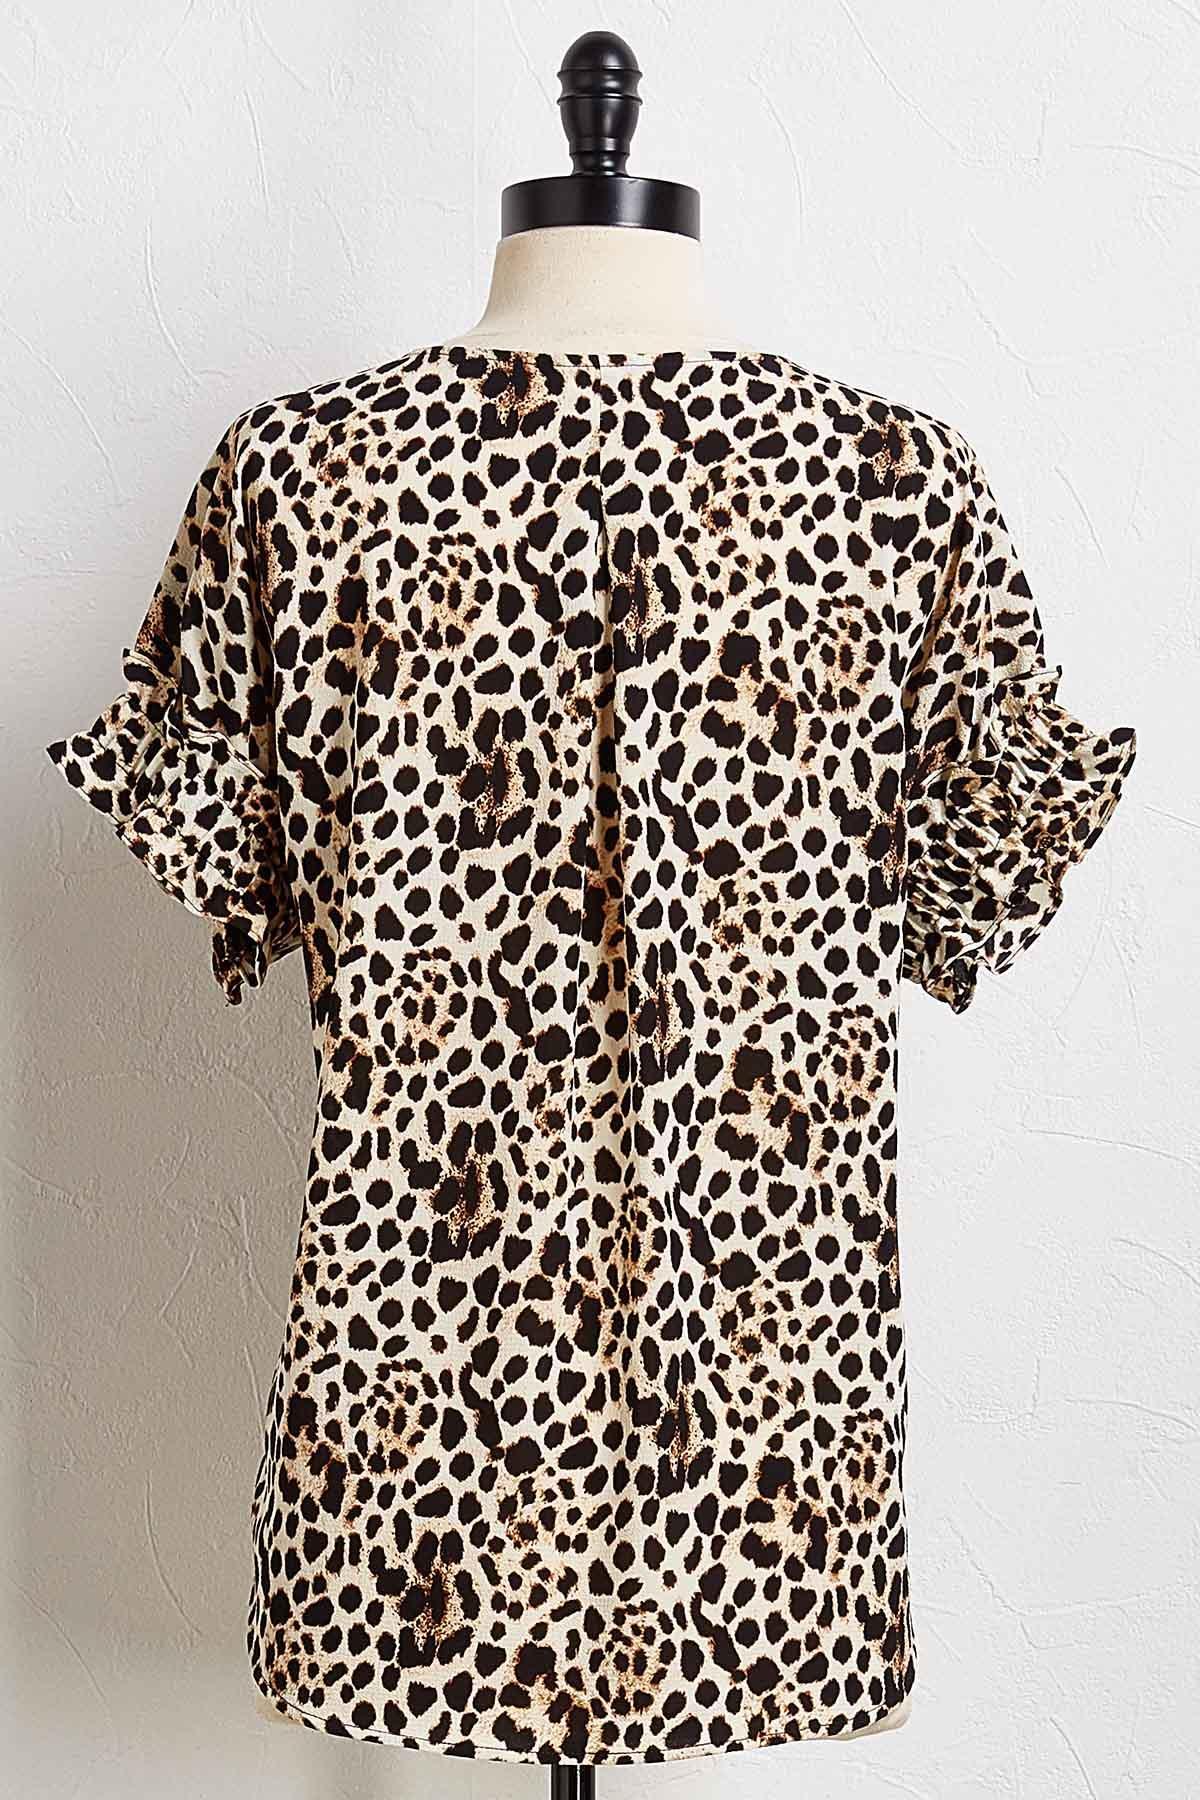 So Fierce Leopard Top